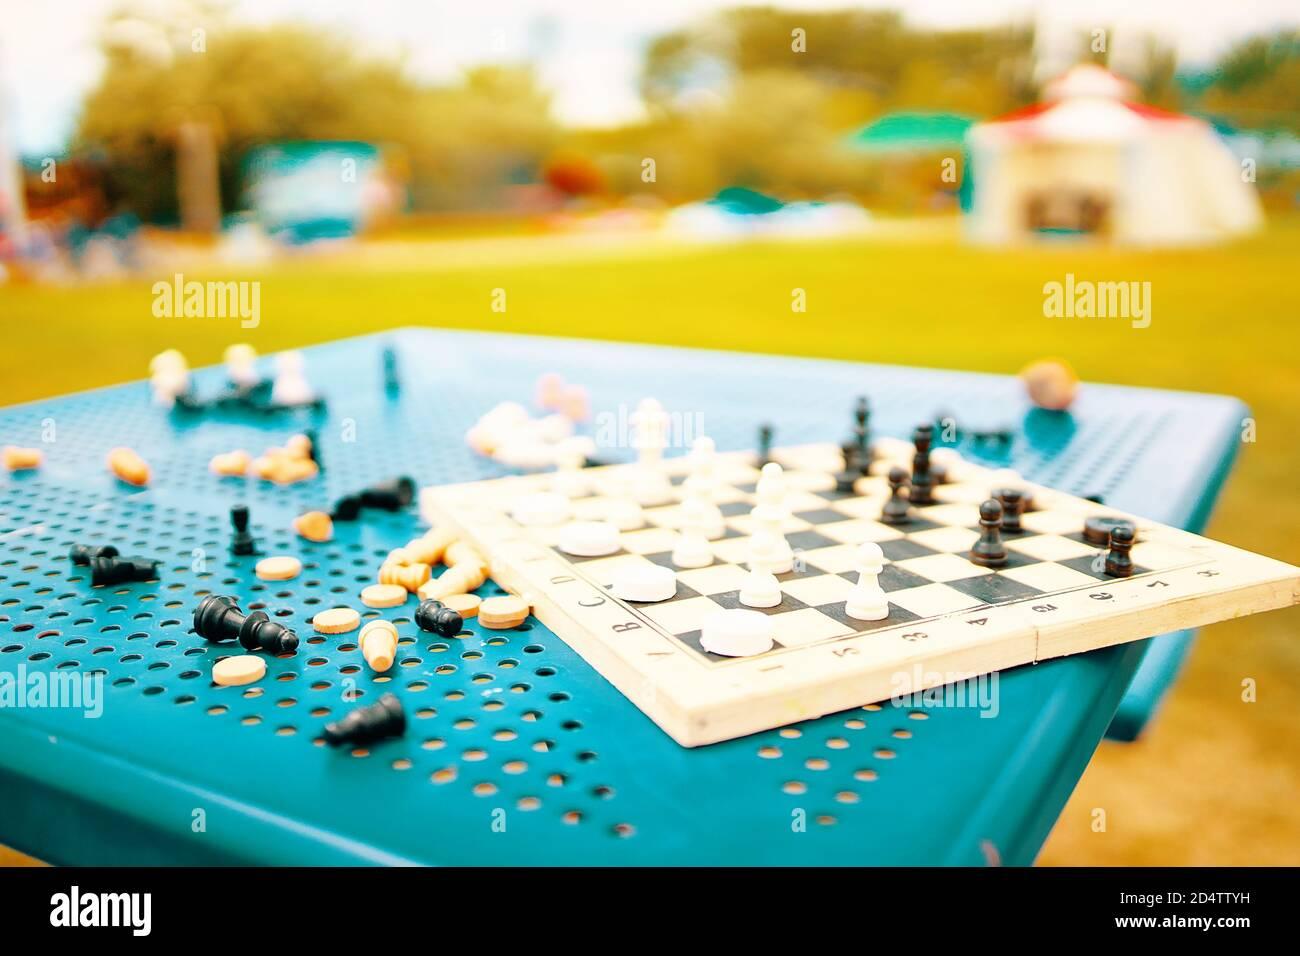 Ajedrez y damas están esparcidos en la mesa del parque. Un juego intelectual para desarrollar estrategias y tácticas. Pasatiempo útil en la calle. Entretenimiento en el complejo. Tablero de ajedrez y piezas en la mesa. Foto de stock